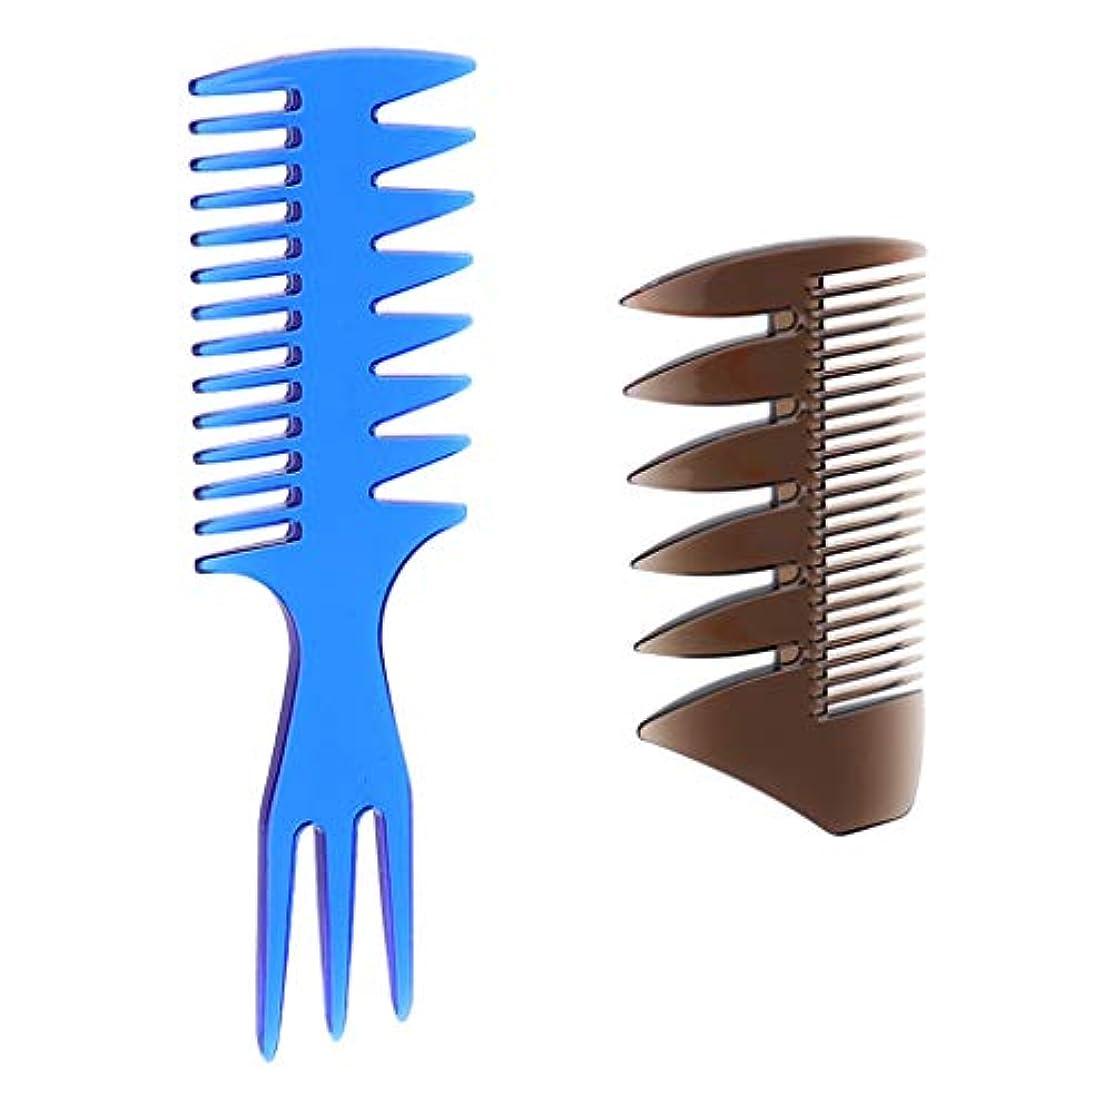 原子適応するおとこgazechimp 3-in-1櫛 2-in-1櫛 ヘアサロン 髪の櫛 静電気防止櫛 2個